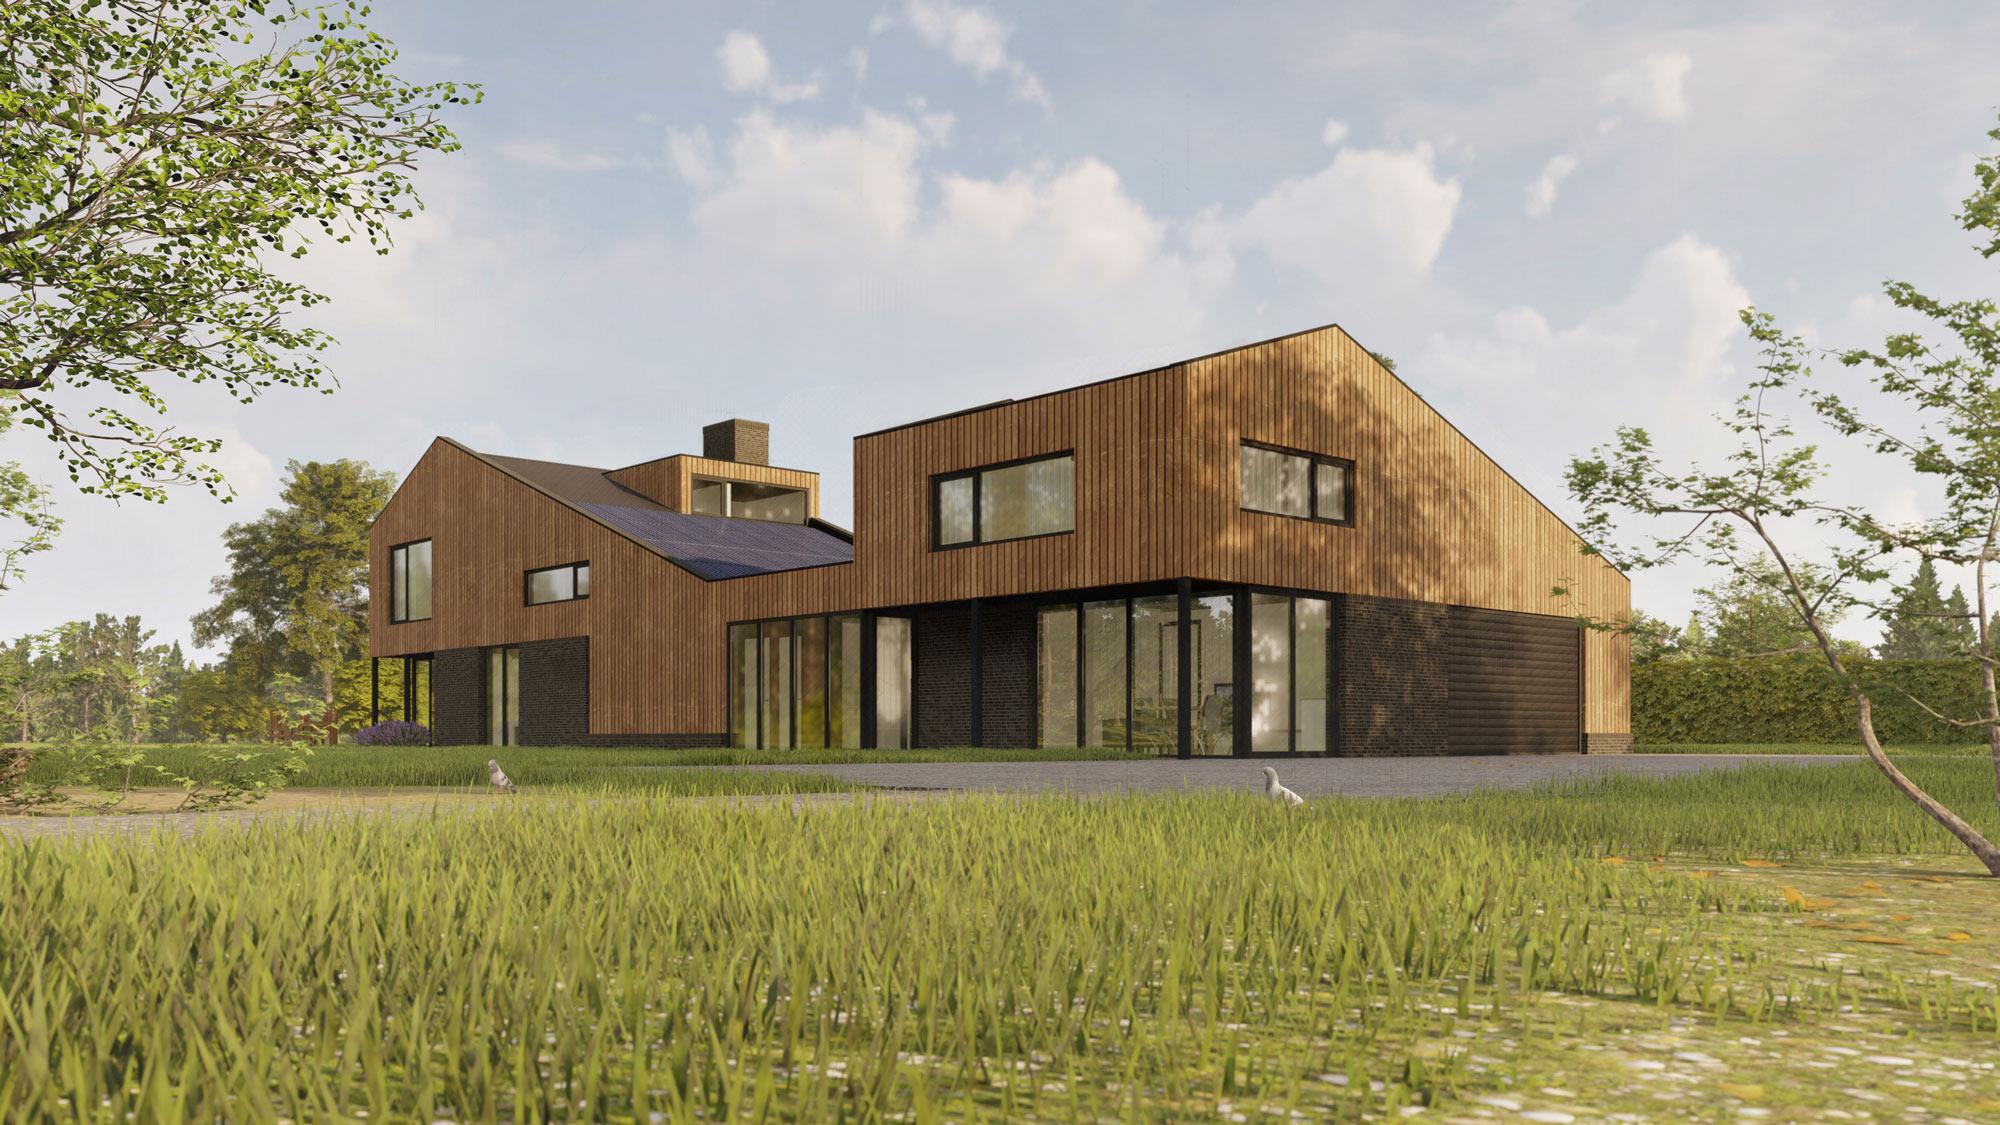 Visualisatie woning met lessenaar dak